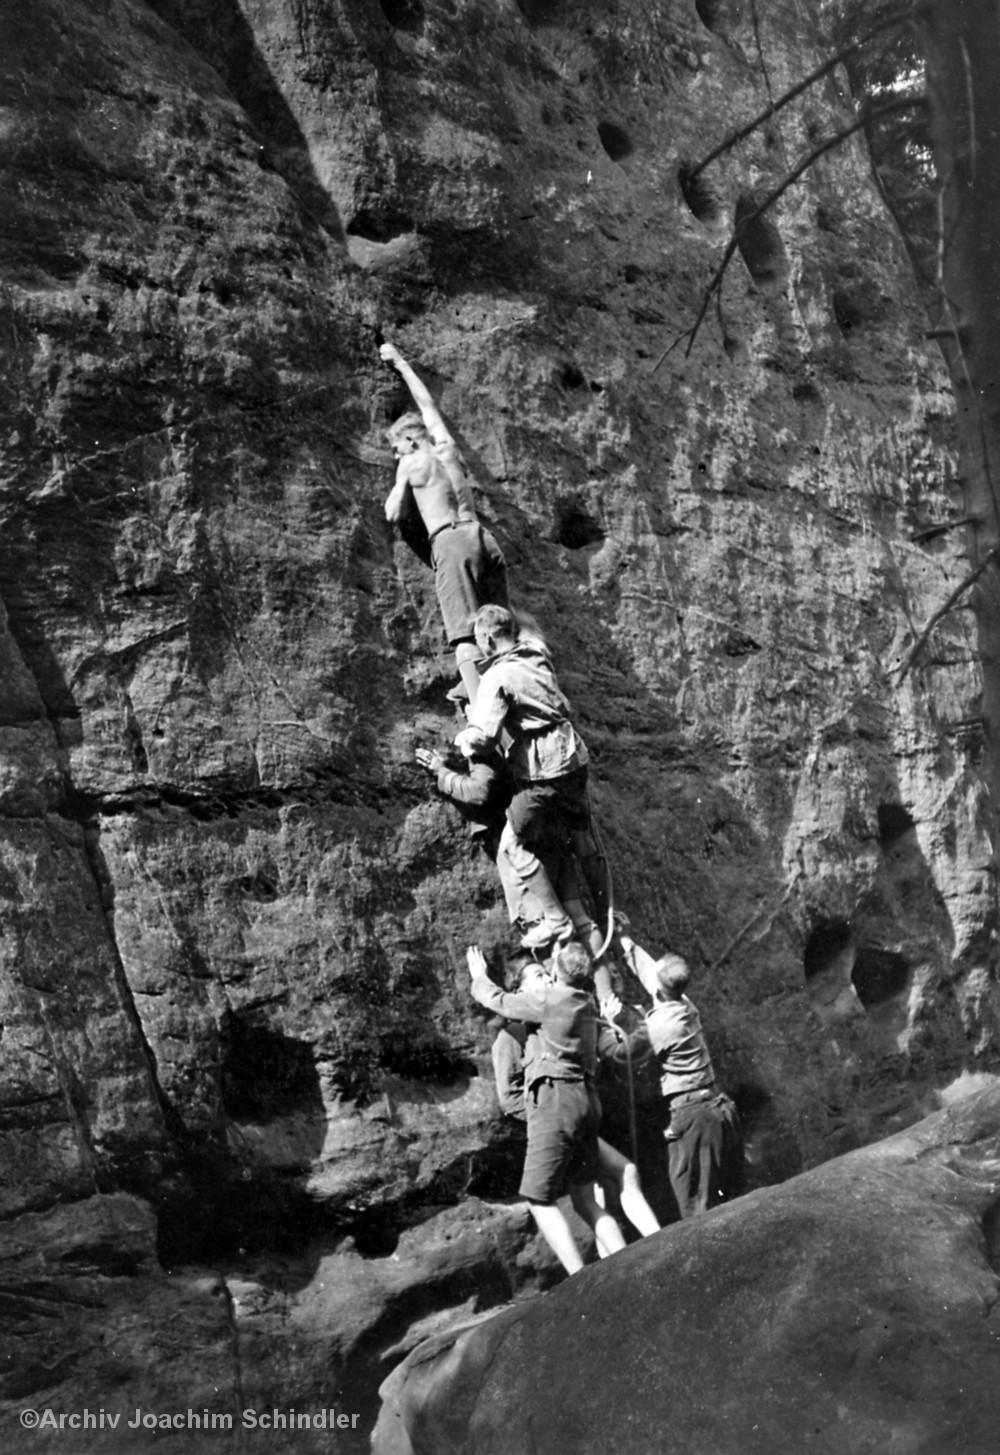 Kletterer bauen eine Menschenpyramide, um eine schwierige Stelle zu überwinden